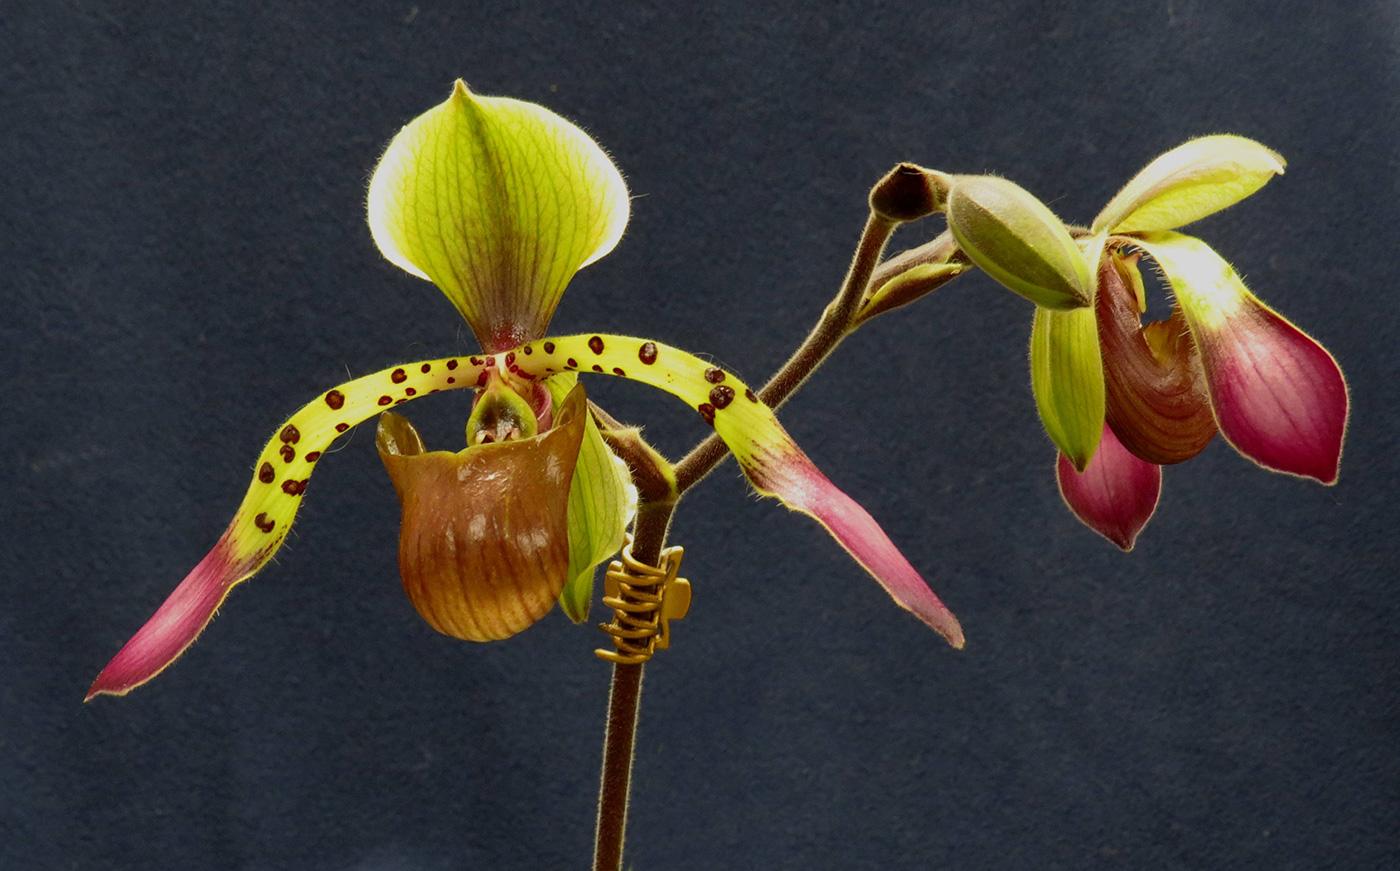 Paphiopedilum (Paph.) lowii 'Jamboree Violet'